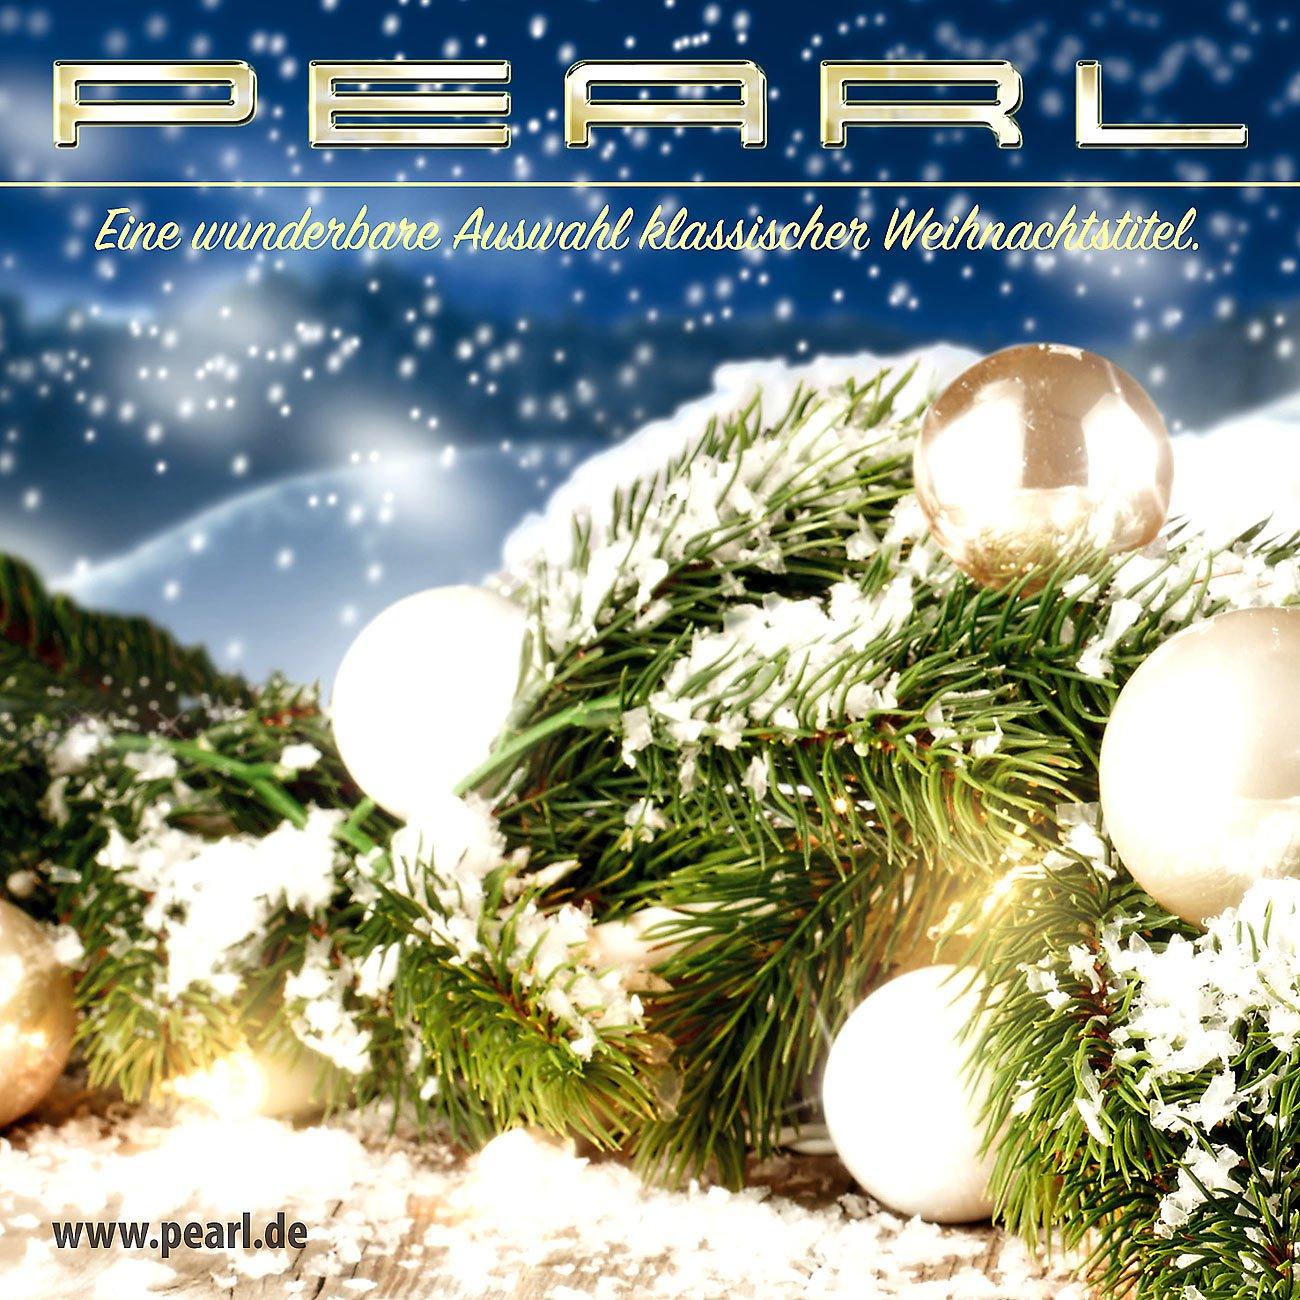 PEARL Weihnachtslieder: Deutsche Weihnachts-CD: Amazon.de: Elektronik